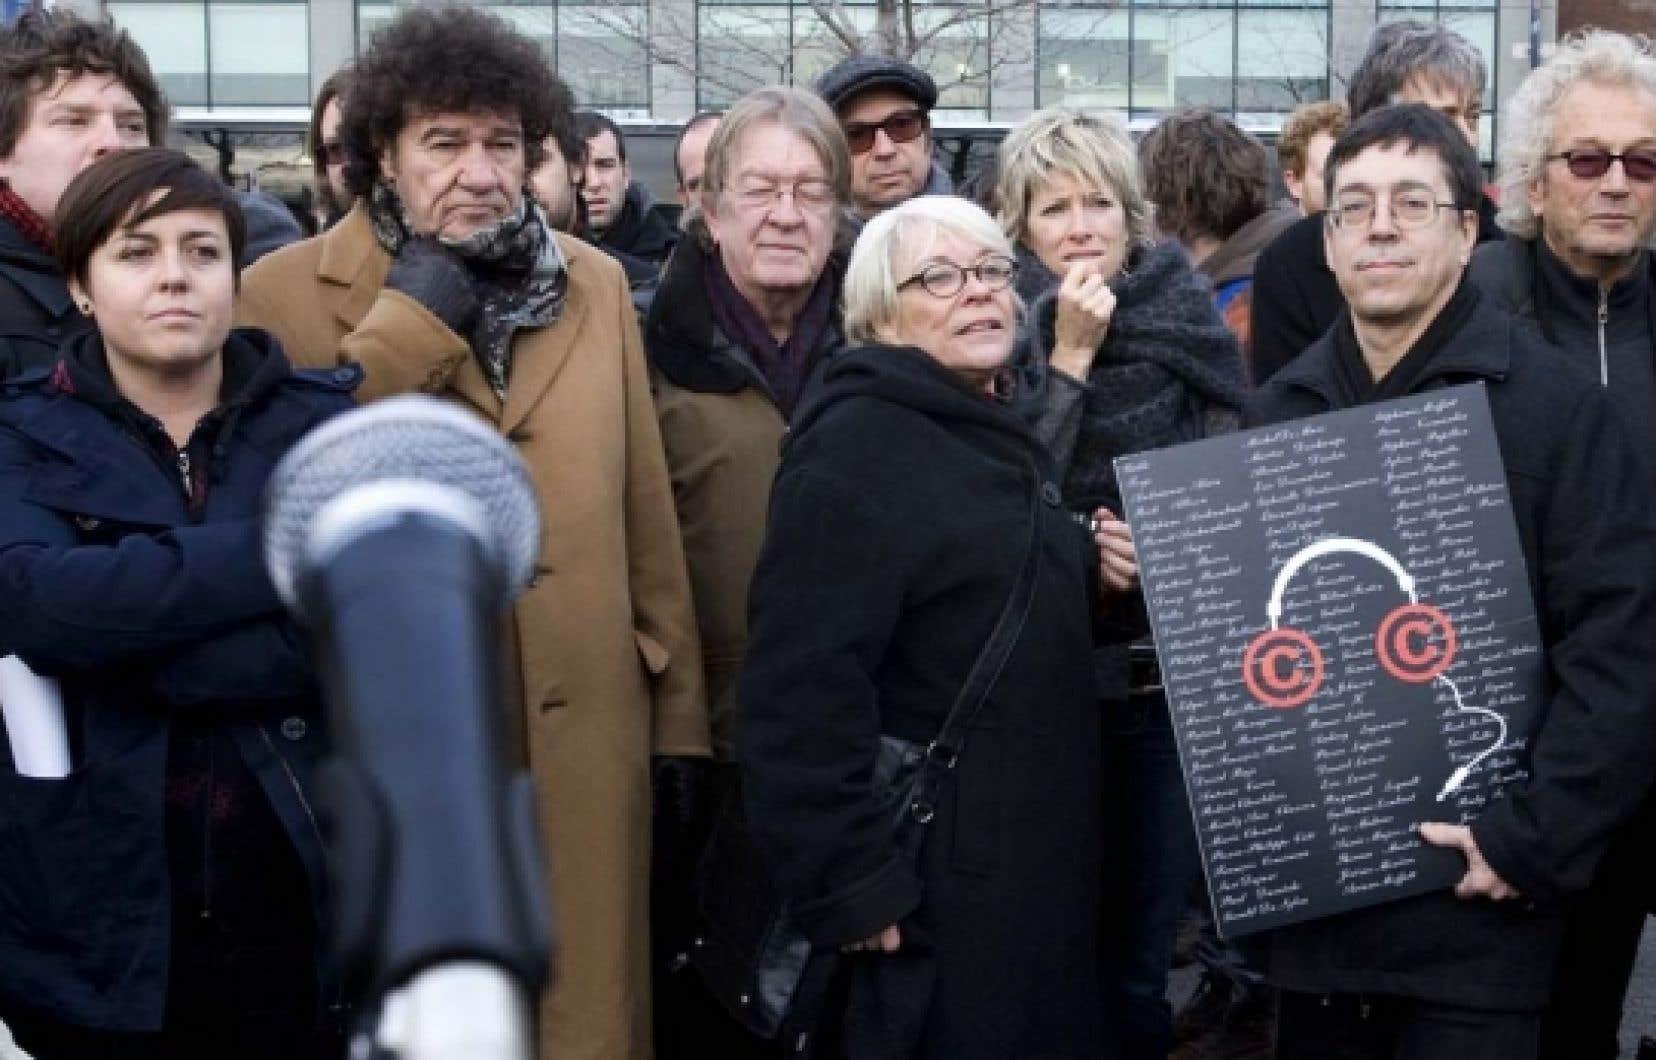 Parmi les artistes qui participent à la manifestation on reconnaît, sur la photo, Yann Perreau, Ariane Moffat, Robert Charlebois, François Cousineau, Michel Rivard, Louise Forestier, Luce Duffault, Gilles Valiquette et Luc Plamondon. <br />